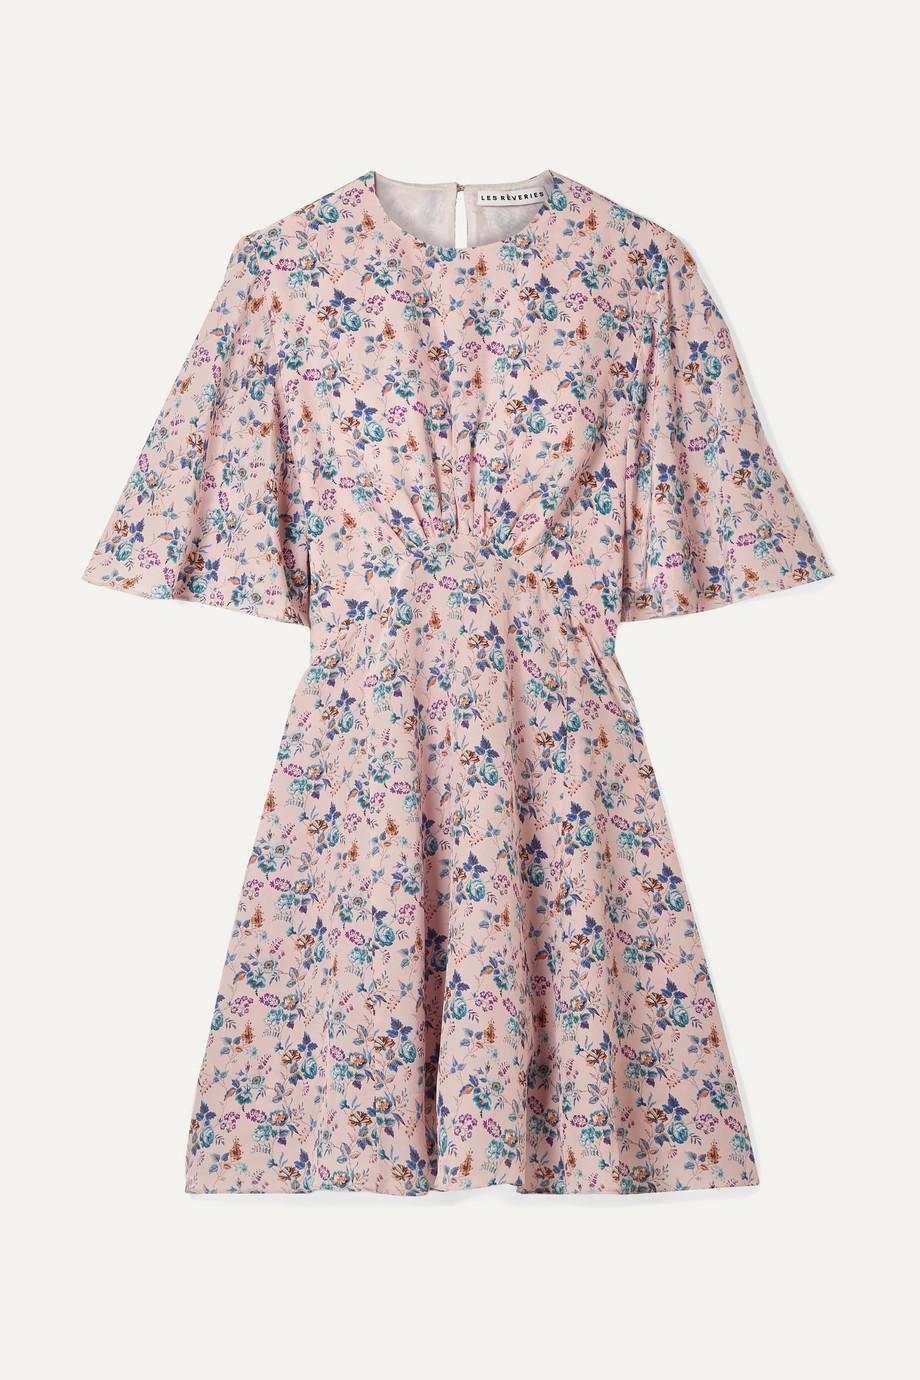 Les Rêveries   Floral-print silk crepe de chine mini dress   NET-A-PORTER.COM